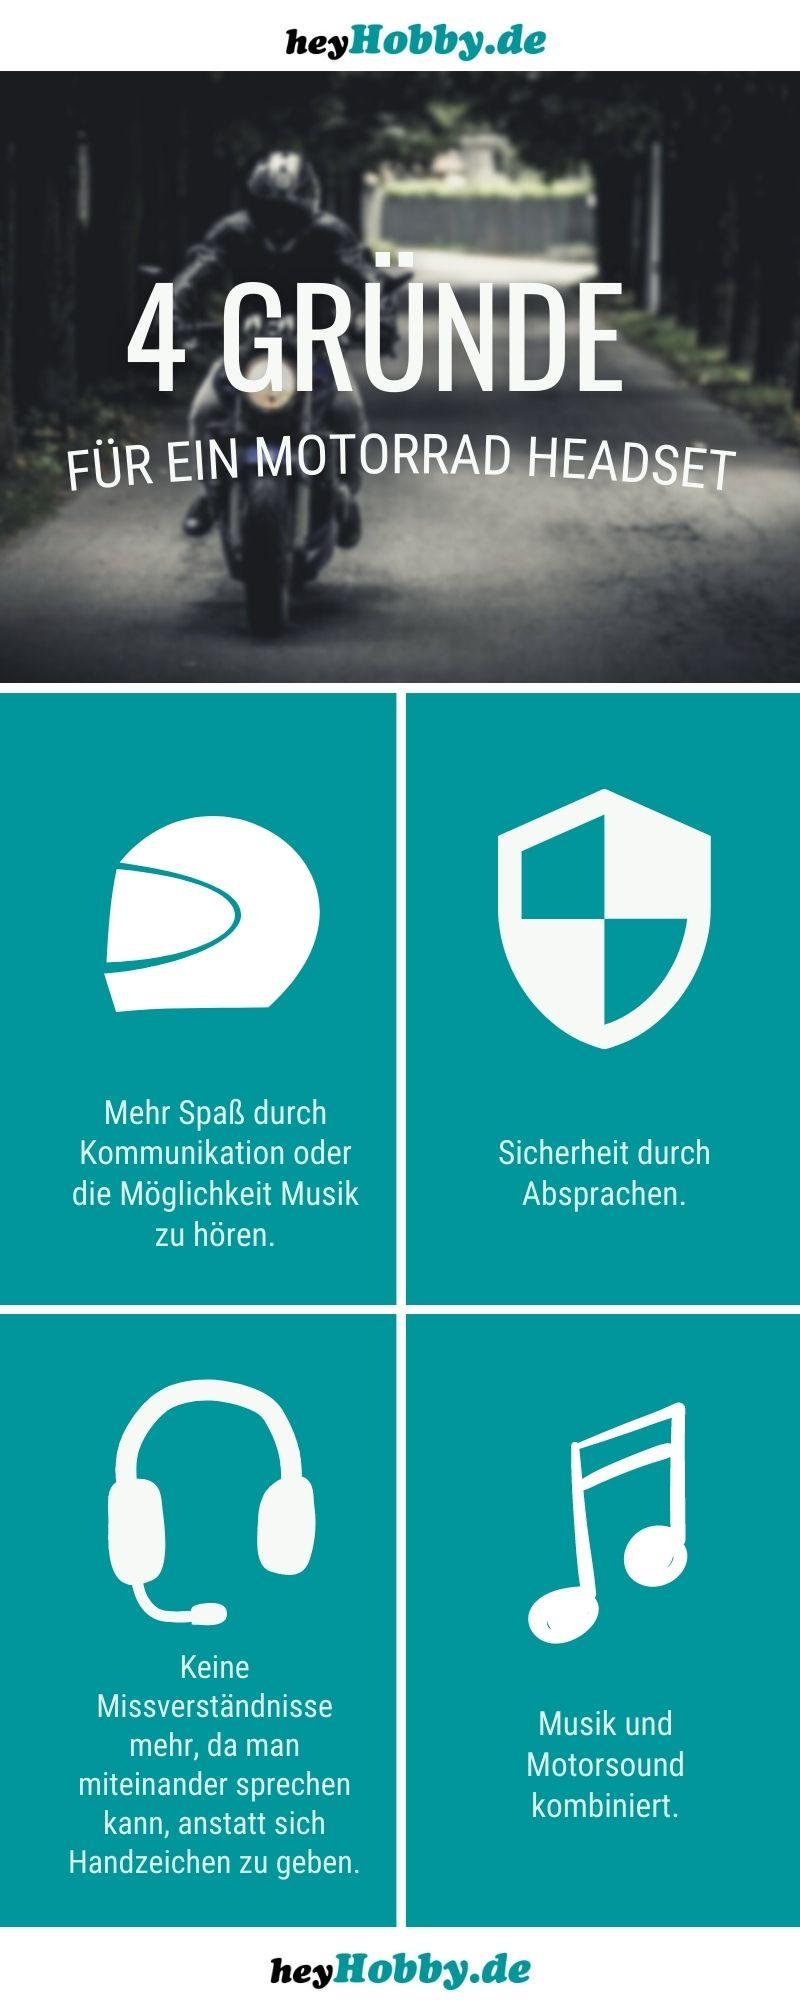 Infografik mit 4 Gründen für ein Motorrad Headset